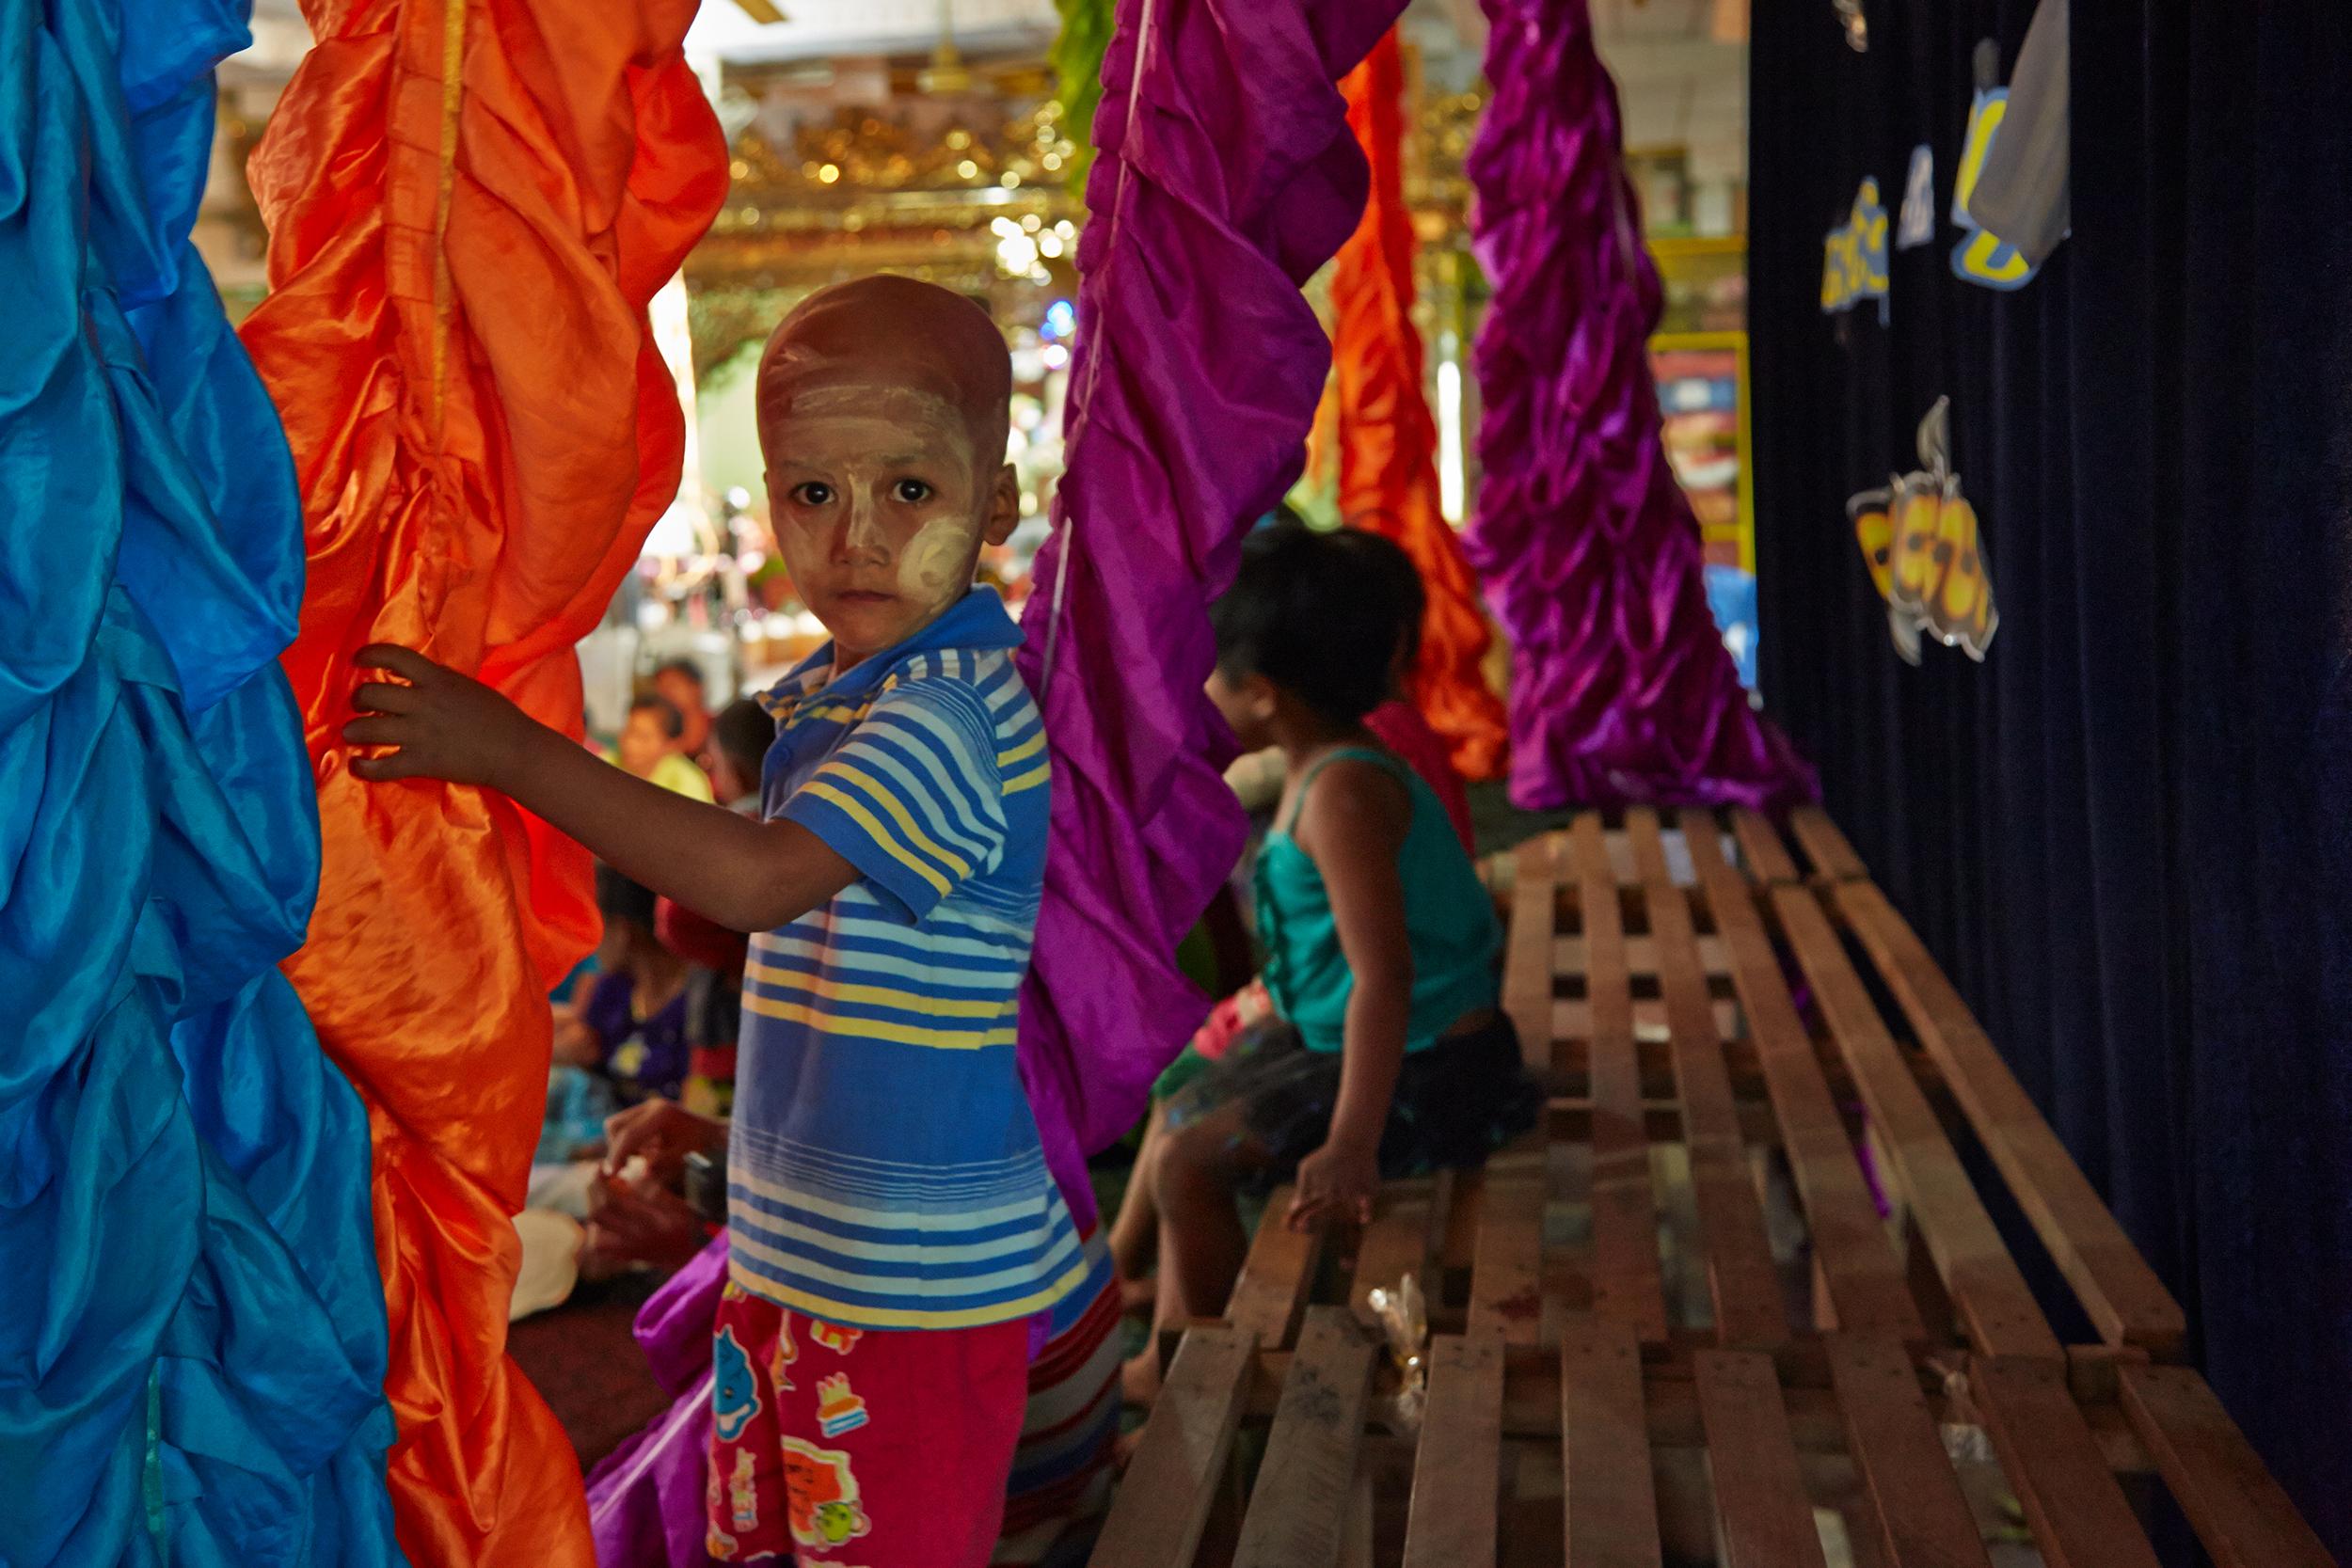 Kanjana-Chaiwatanachai-Image-Works_Mandalay_2014.01.19_0167w.jpg